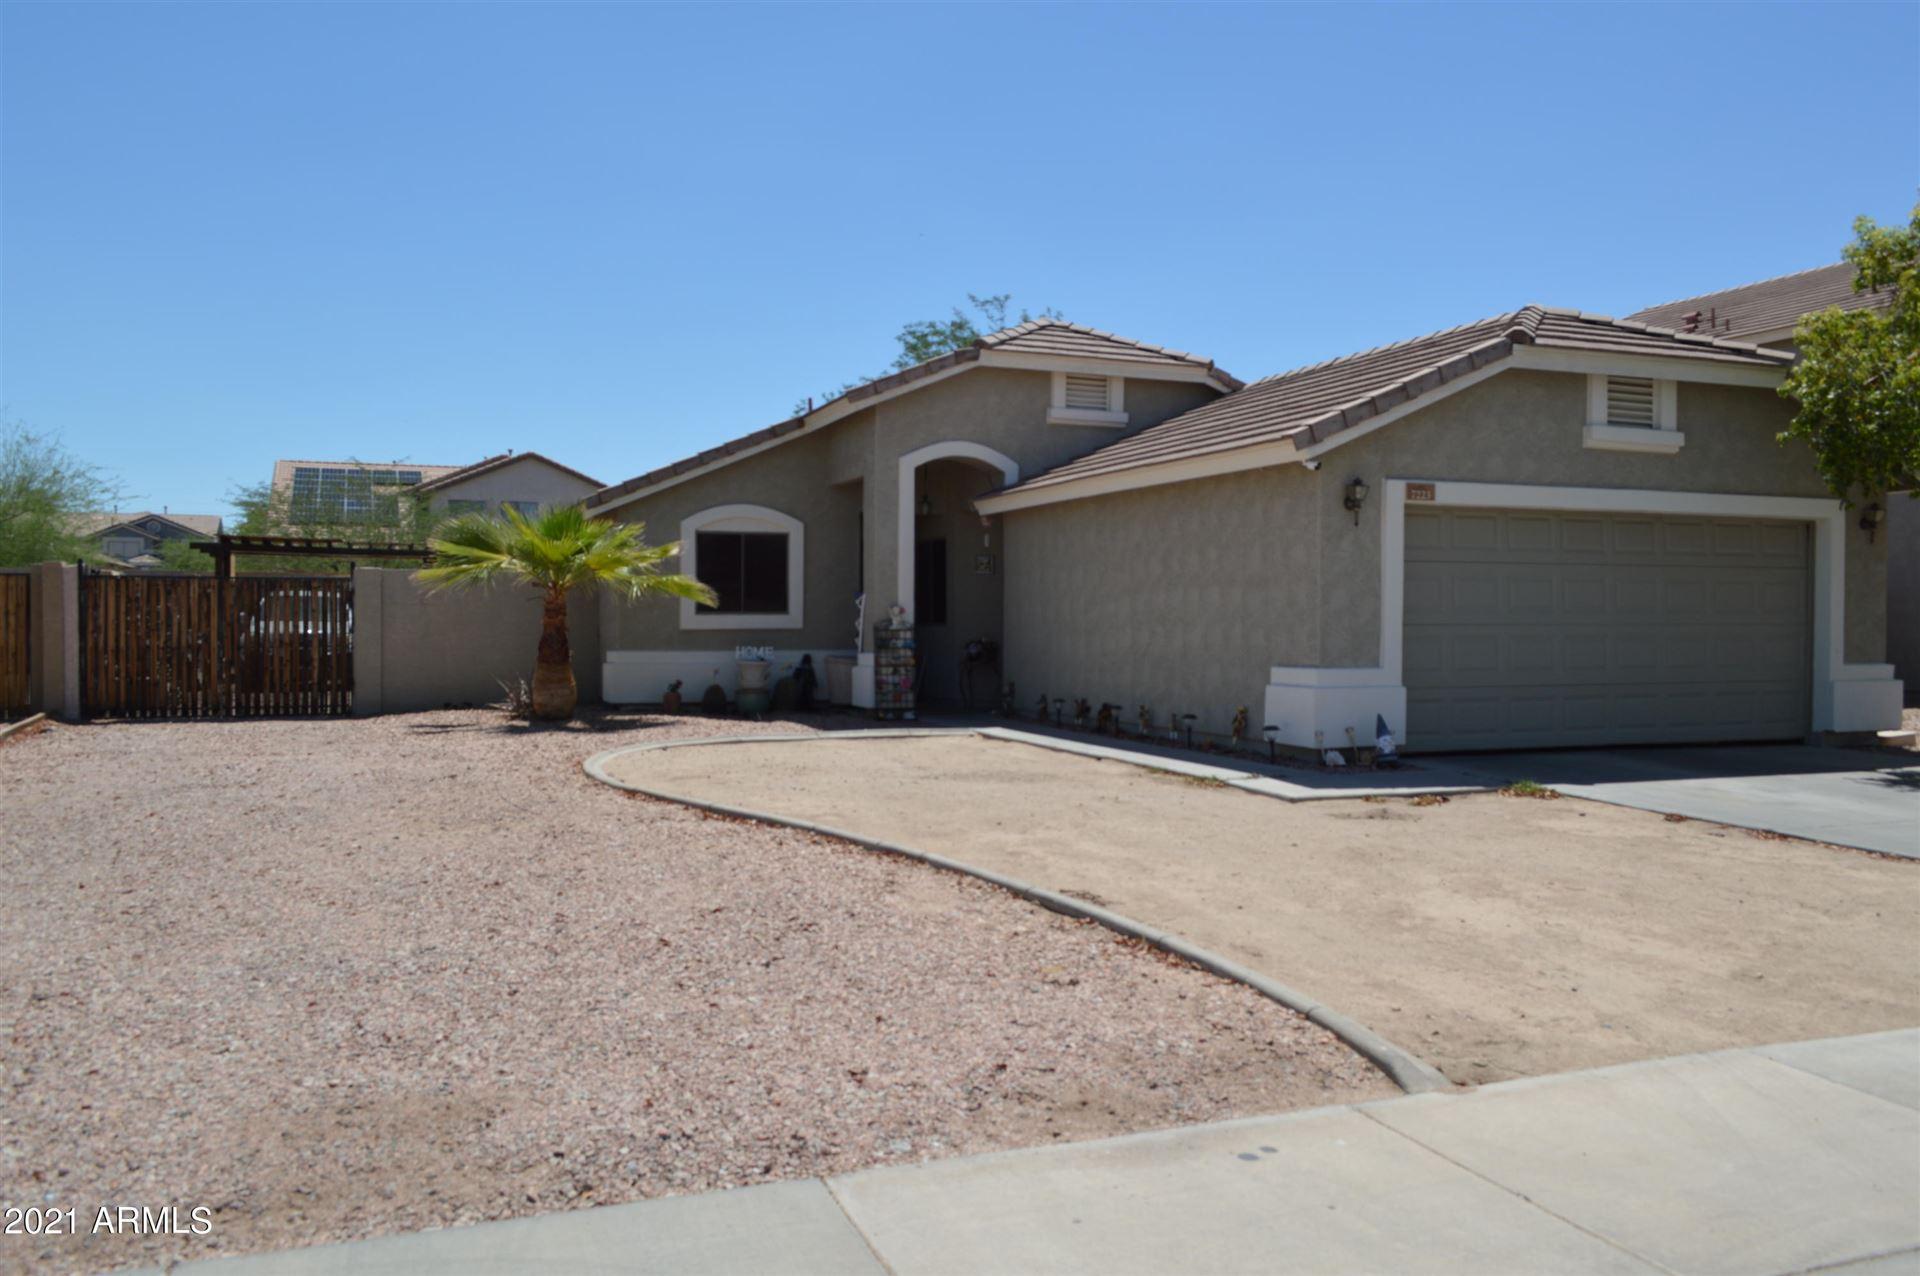 7223 S 16TH Drive, Phoenix, AZ 85041 - MLS#: 6249705